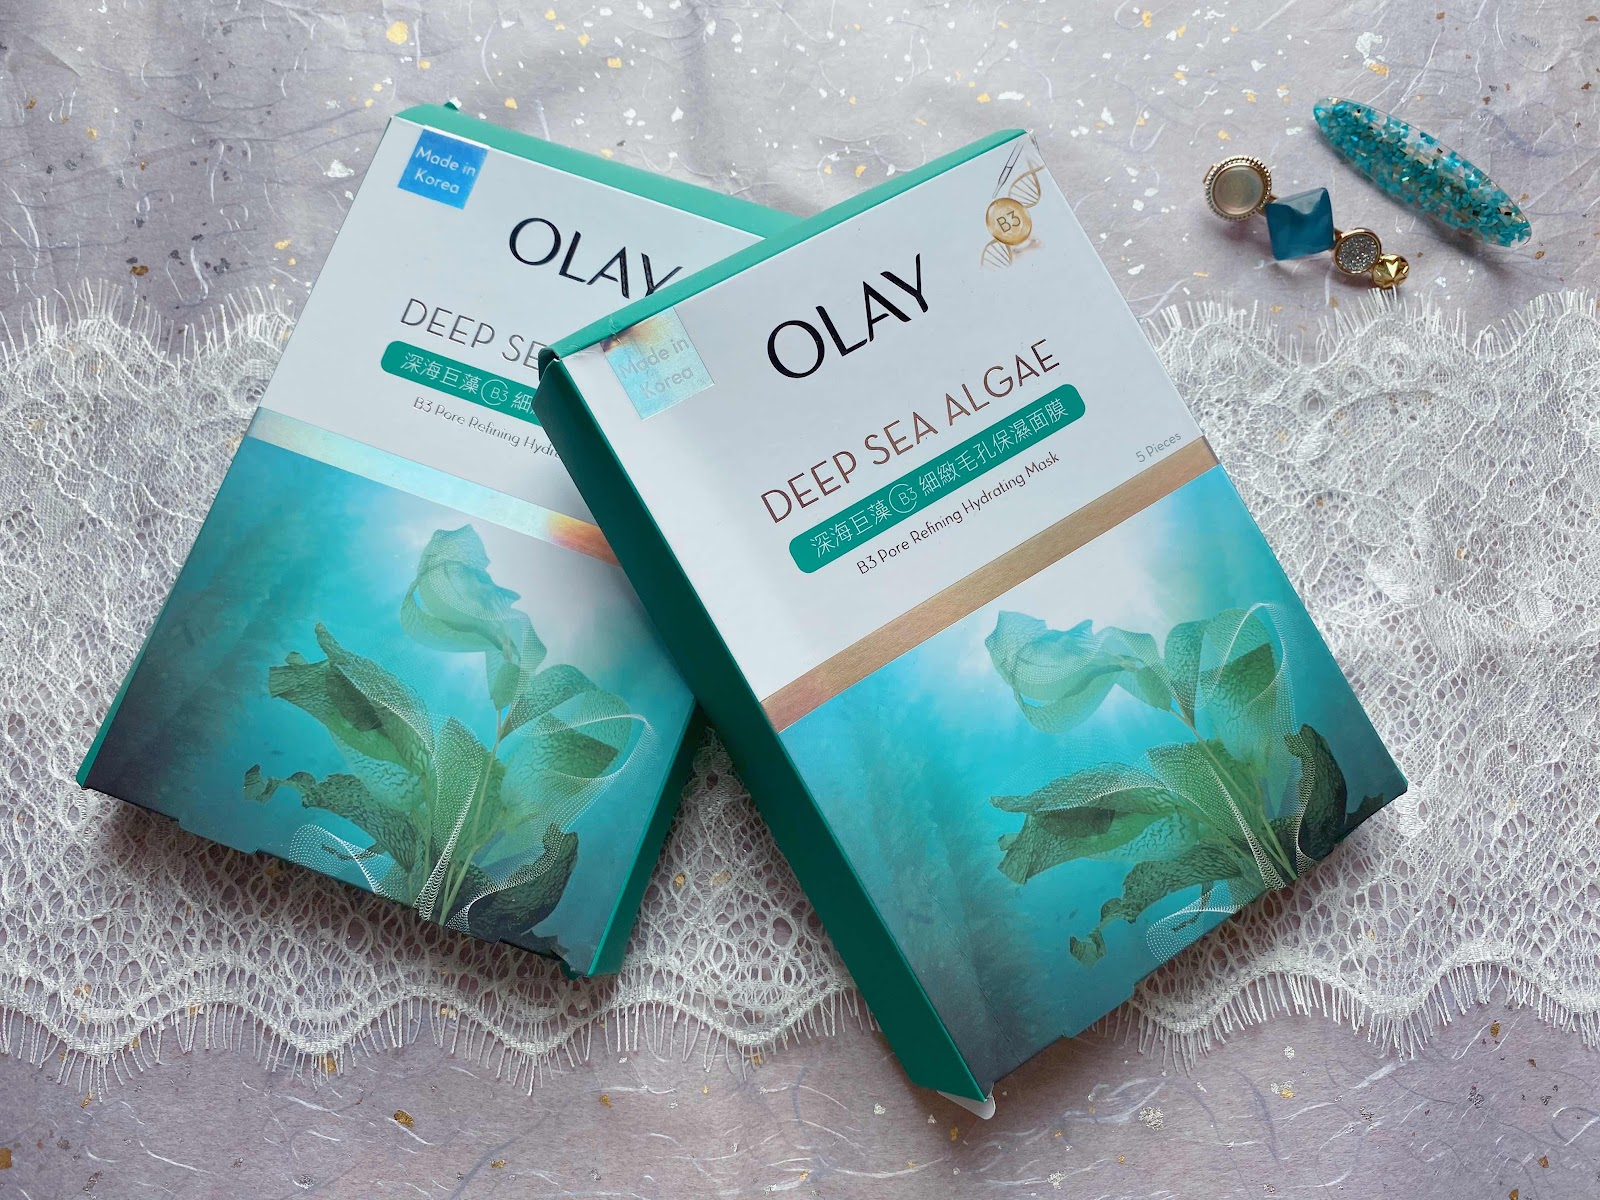 必試超保濕OLAY全新韓國製「隱形海藻面膜」,解救乾性毛孔肌膚 ...